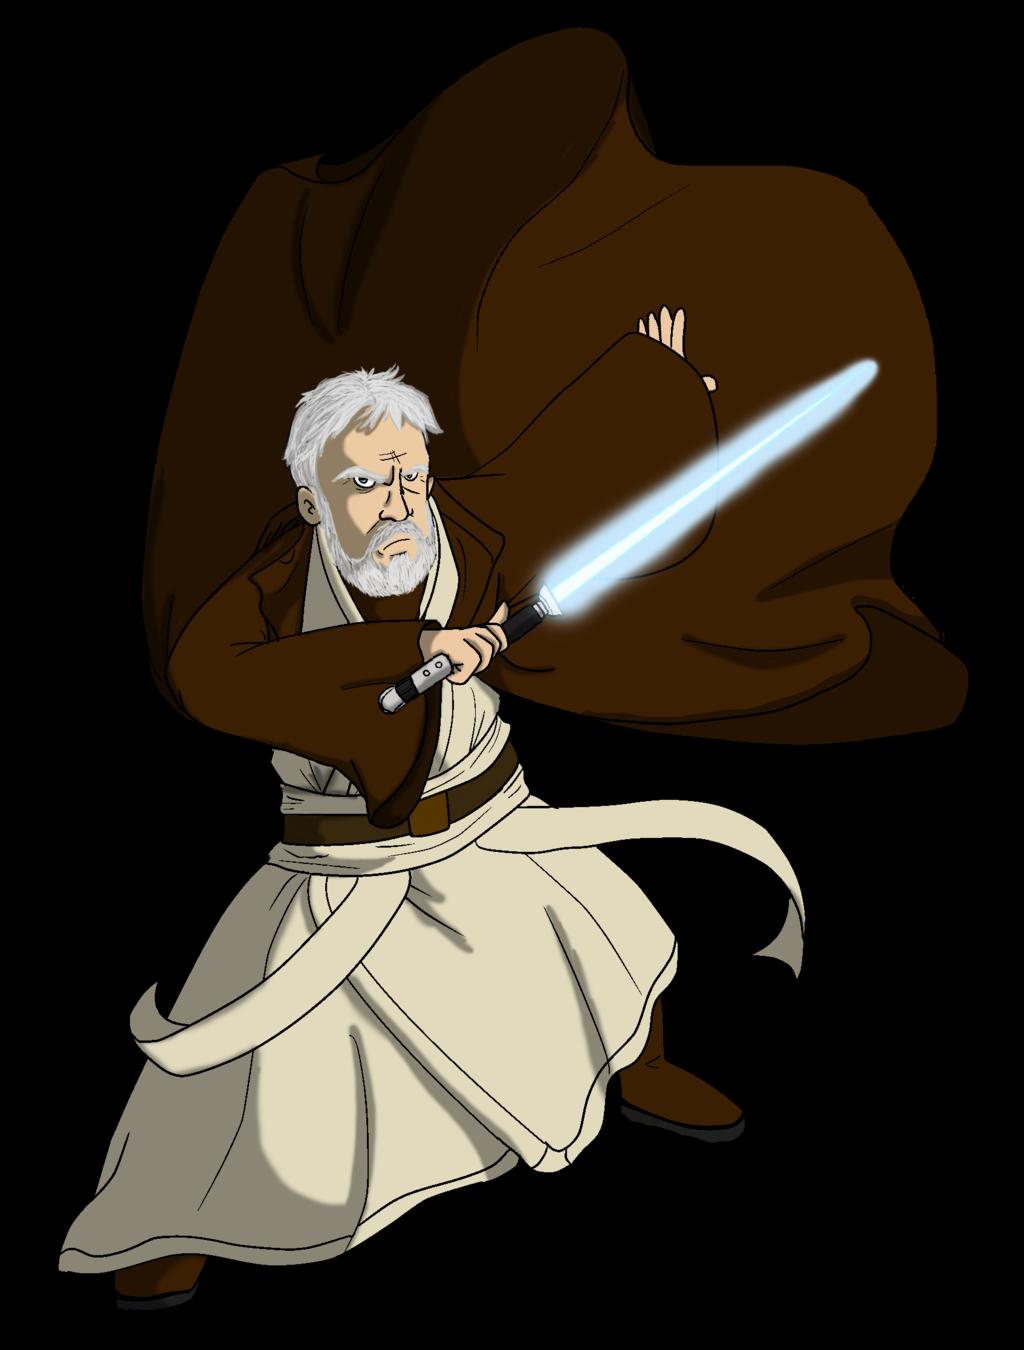 Obi One Kenobi Clip Art.